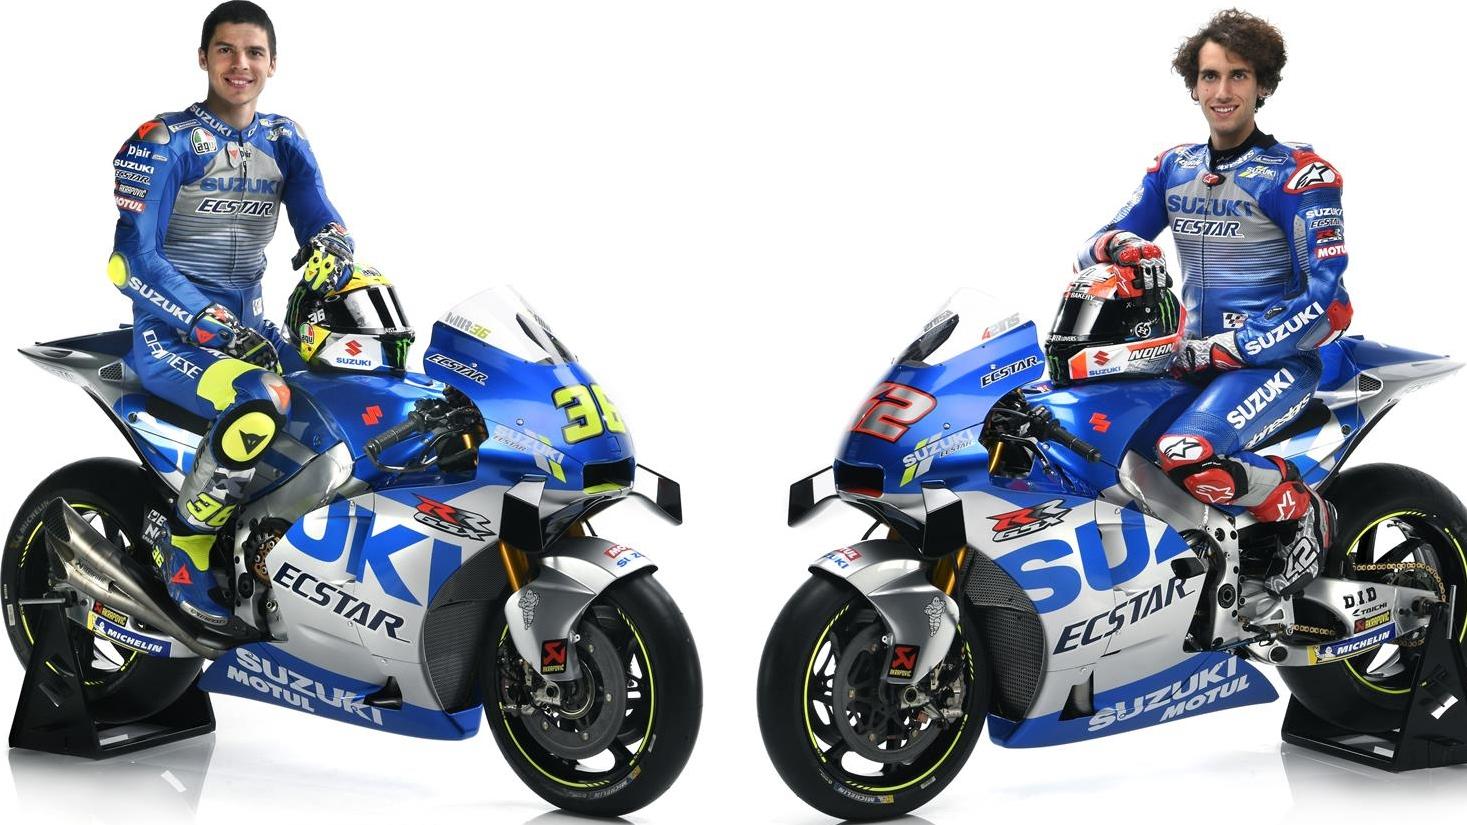 La Suzuki GSX-RR de Álex Rins y Joan Mir para MotoGP 2020